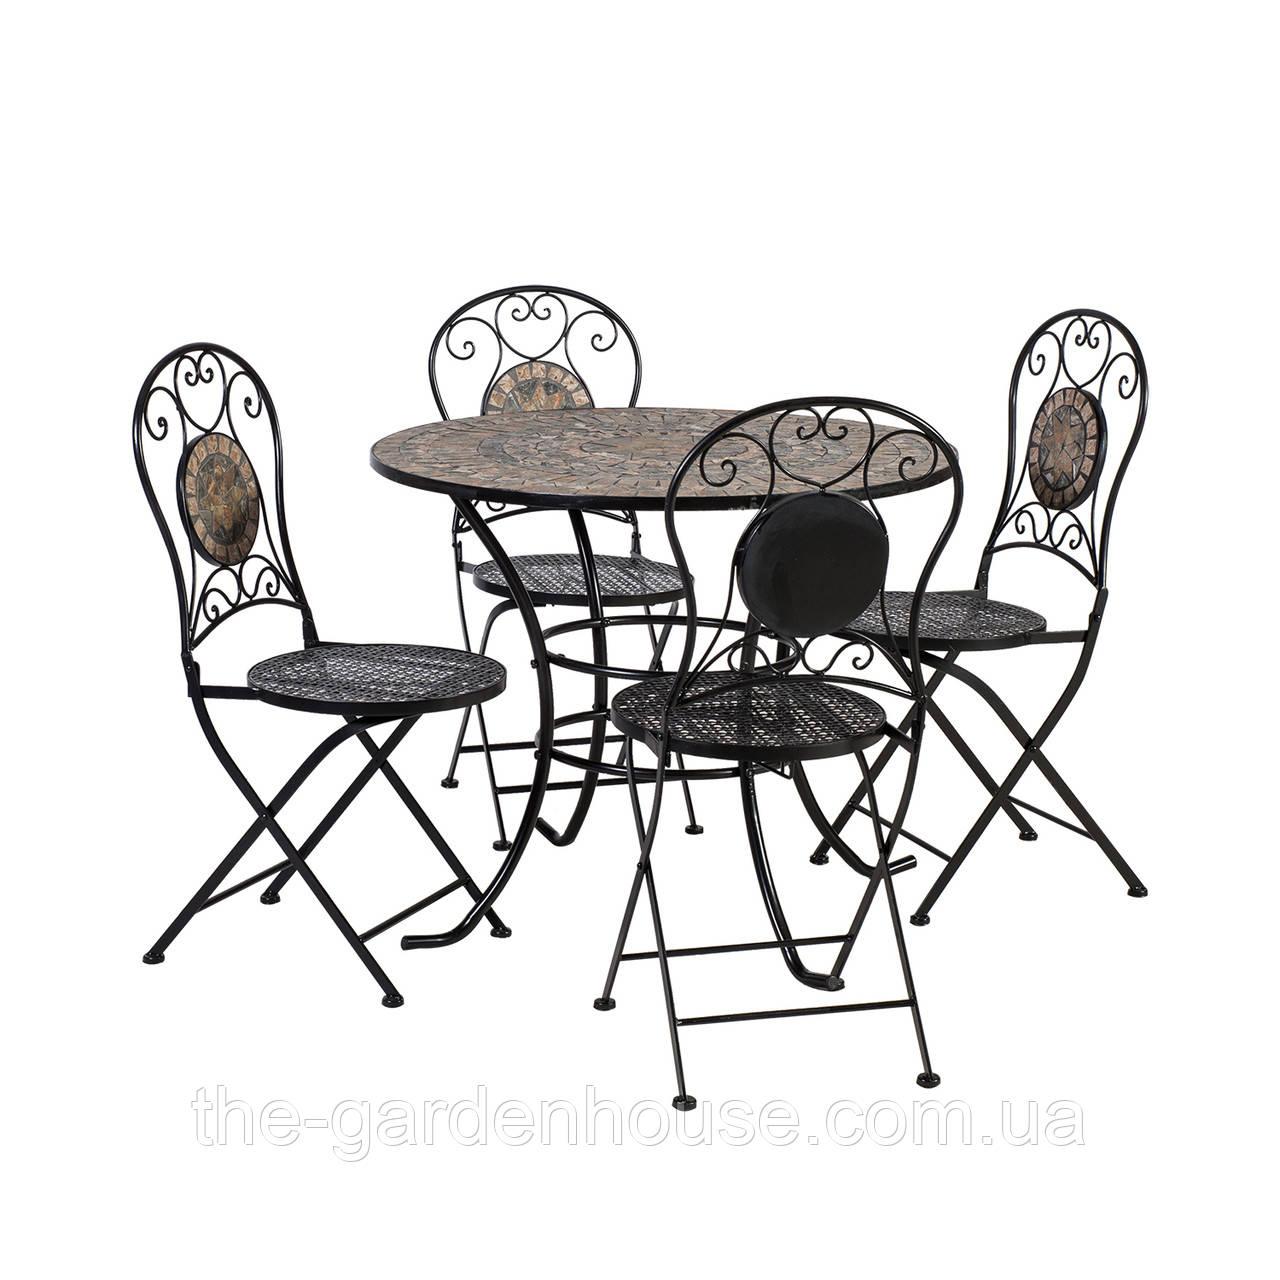 Обеденный комплект Mosaic: стол и 4 складных стула